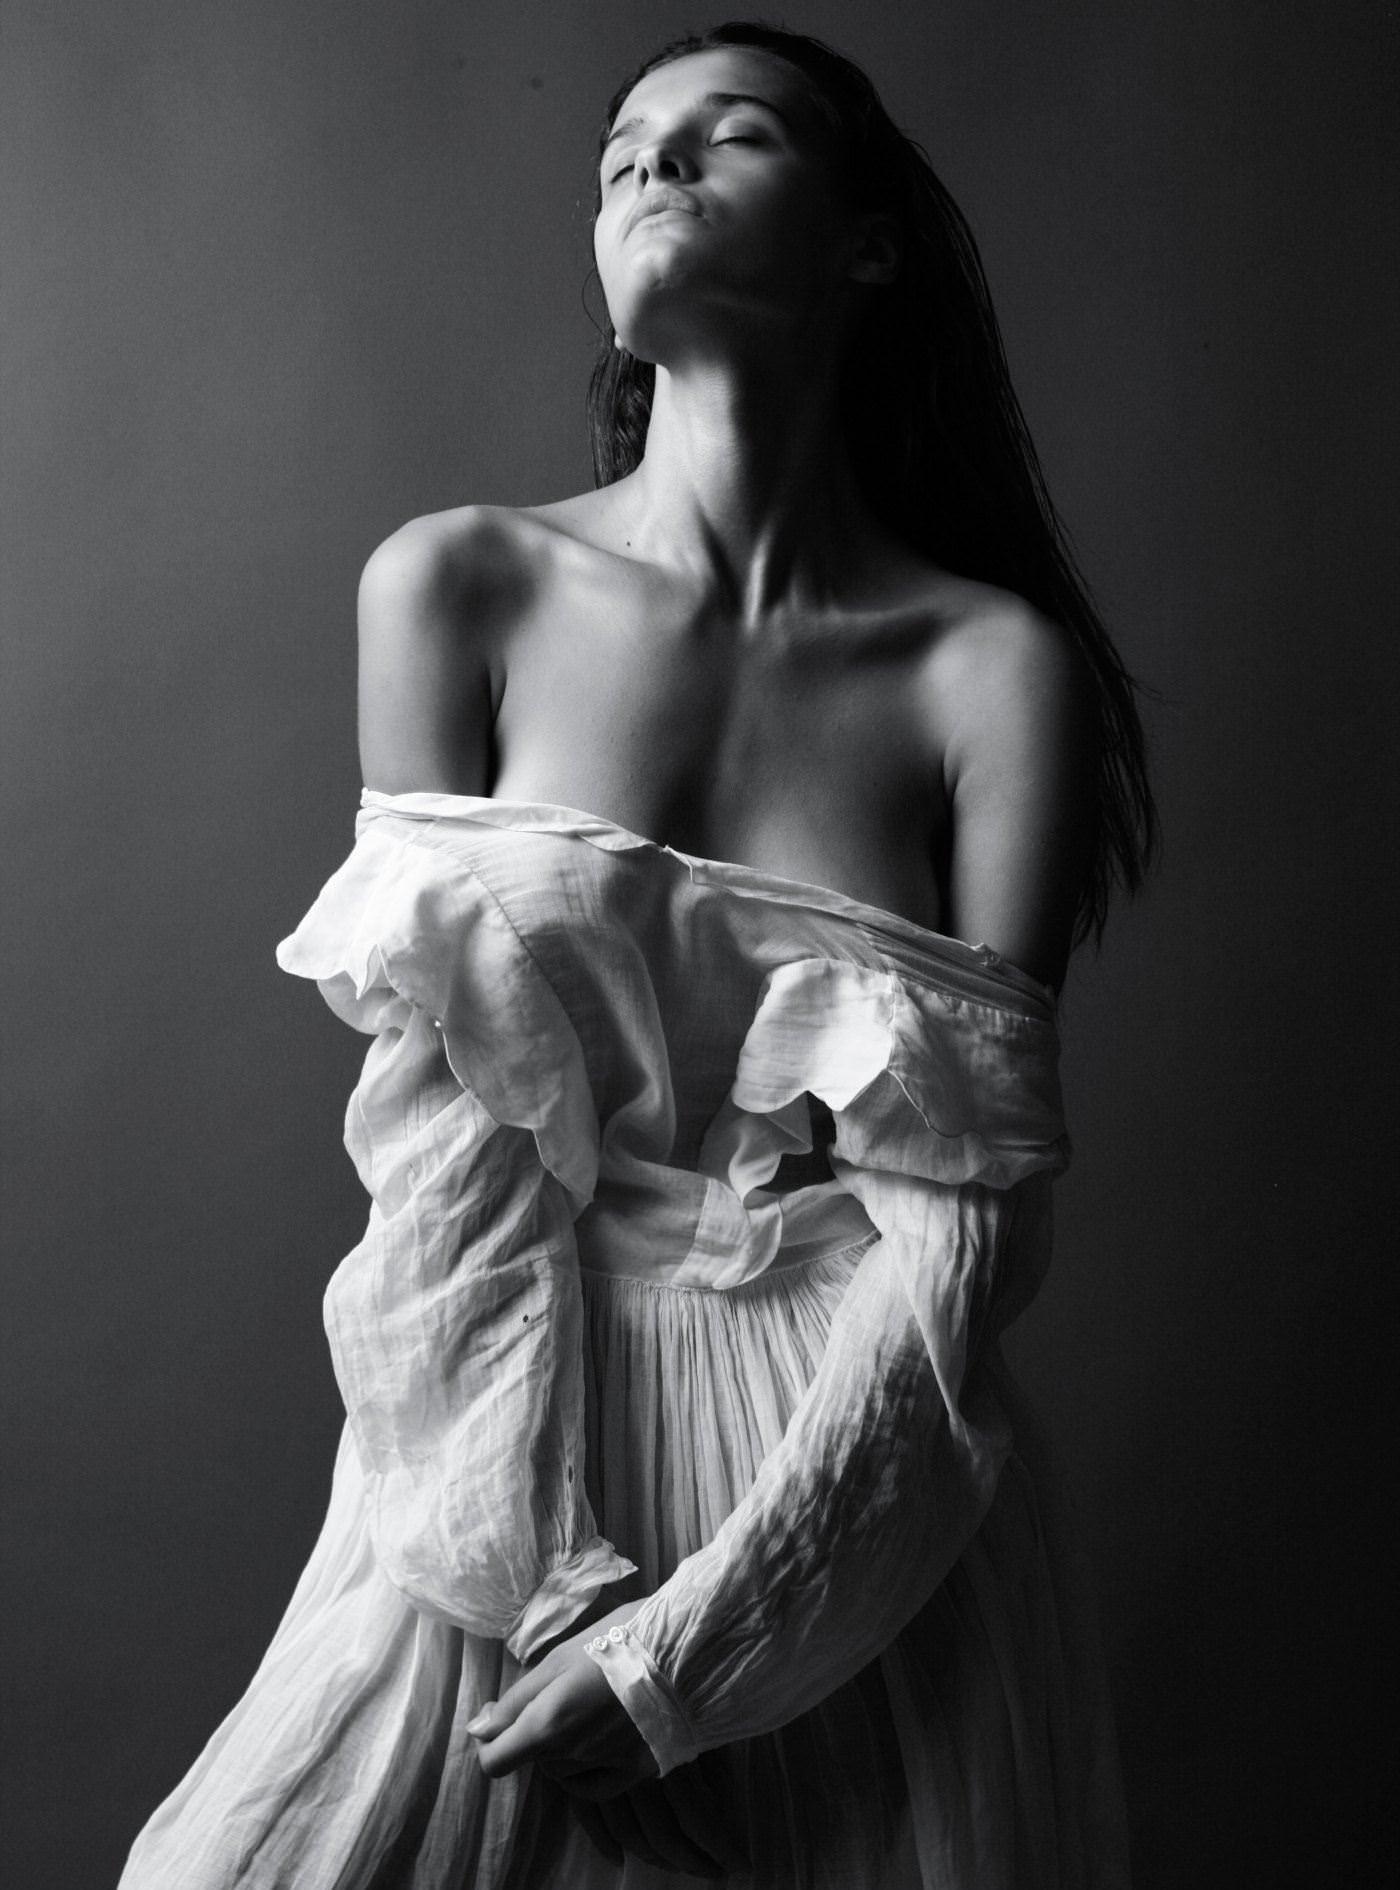 【外人】リサ・ソトニコブ(Lisa Sotnikov)が醸し出す妖艶なセミヌードポルノ画像 12180